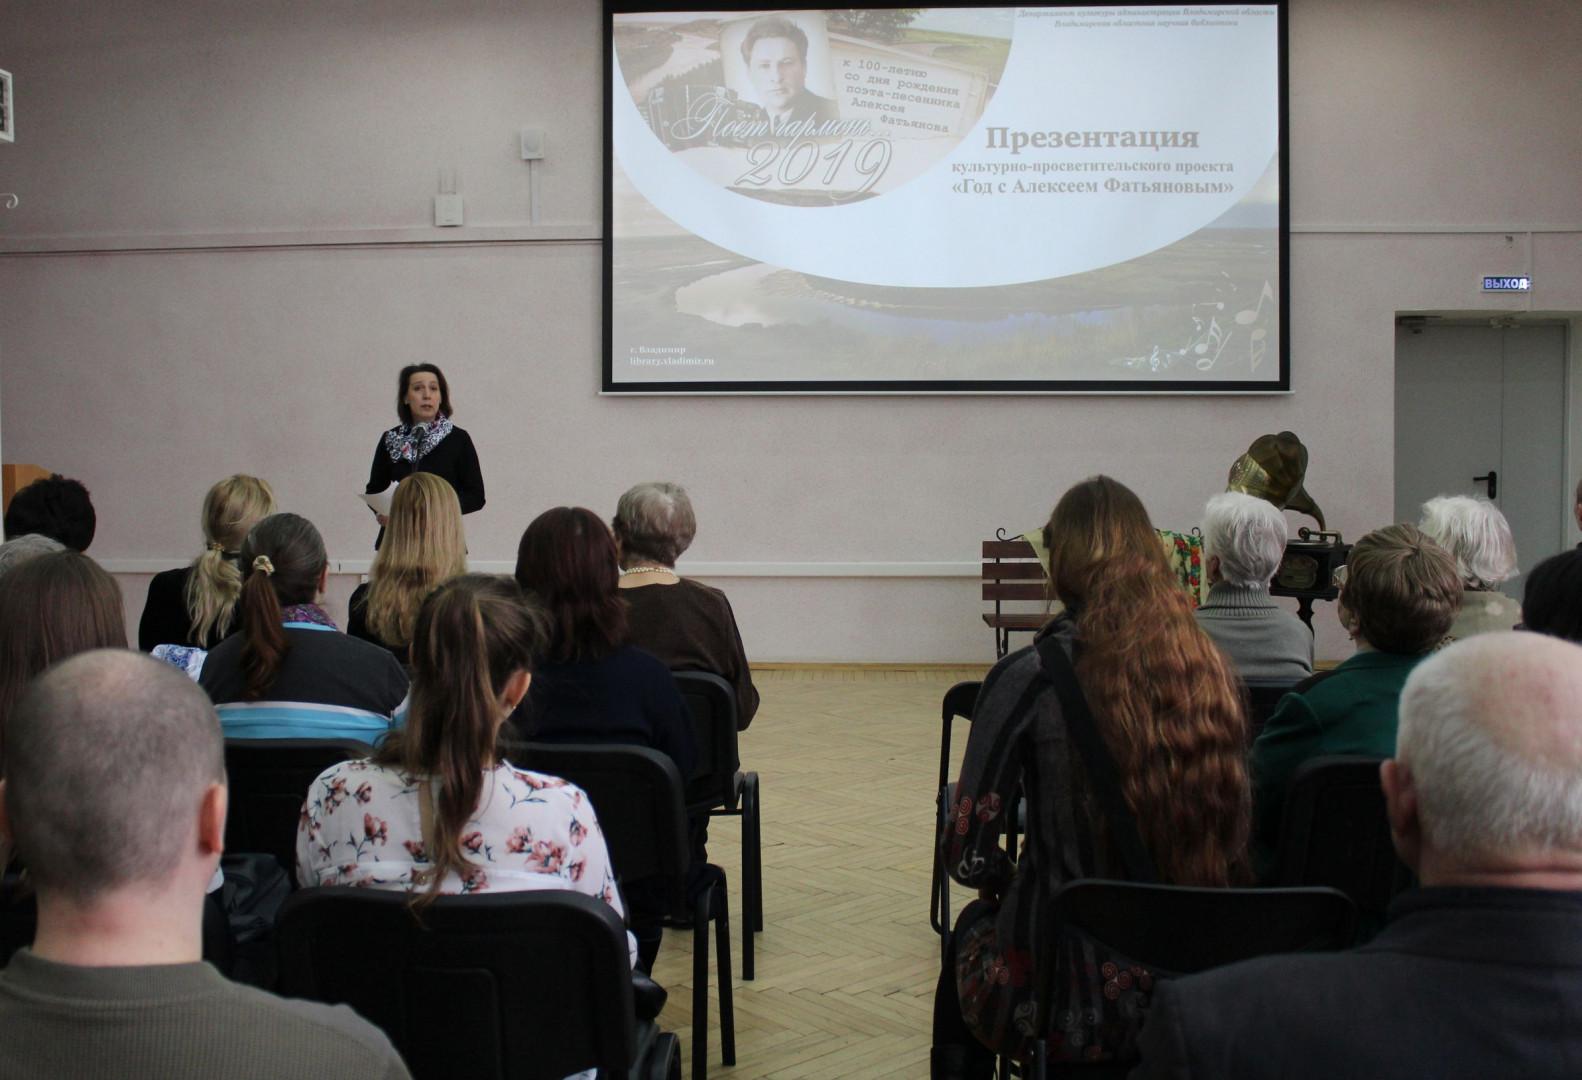 Ирина МИшина рассказывает о мероприятиях в год Фатьянова